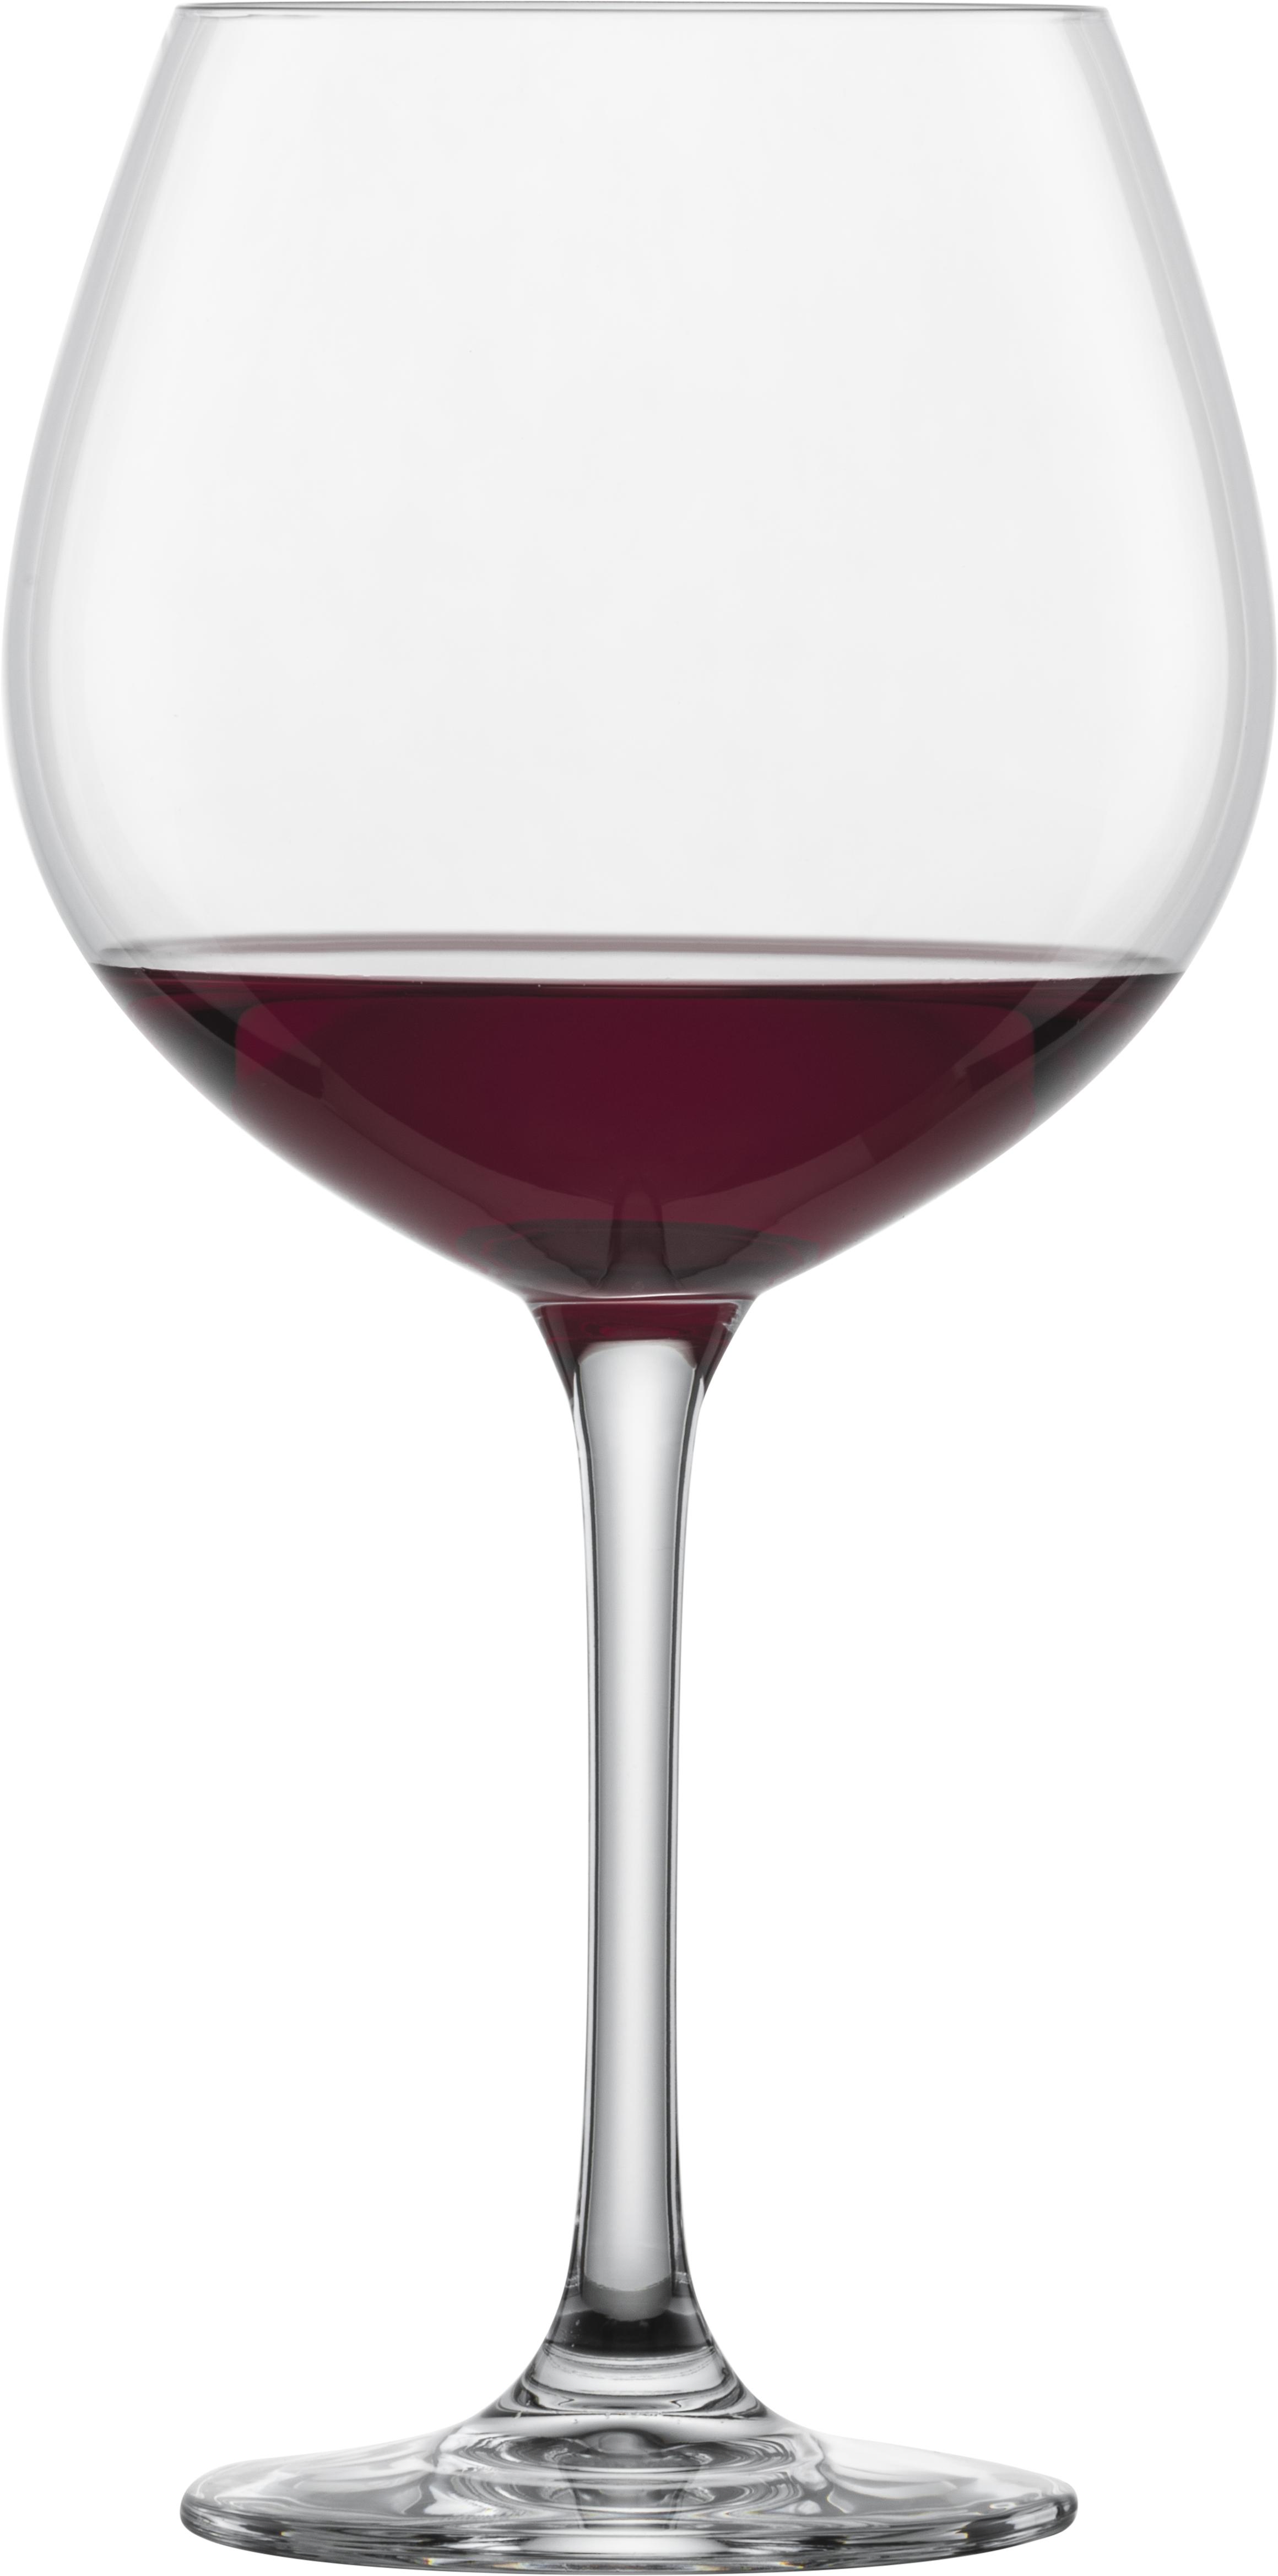 Sklenice CLASSICO červené víno BURGUNDY 814ml SCHOTT ZWIESEL Balení: 1ks